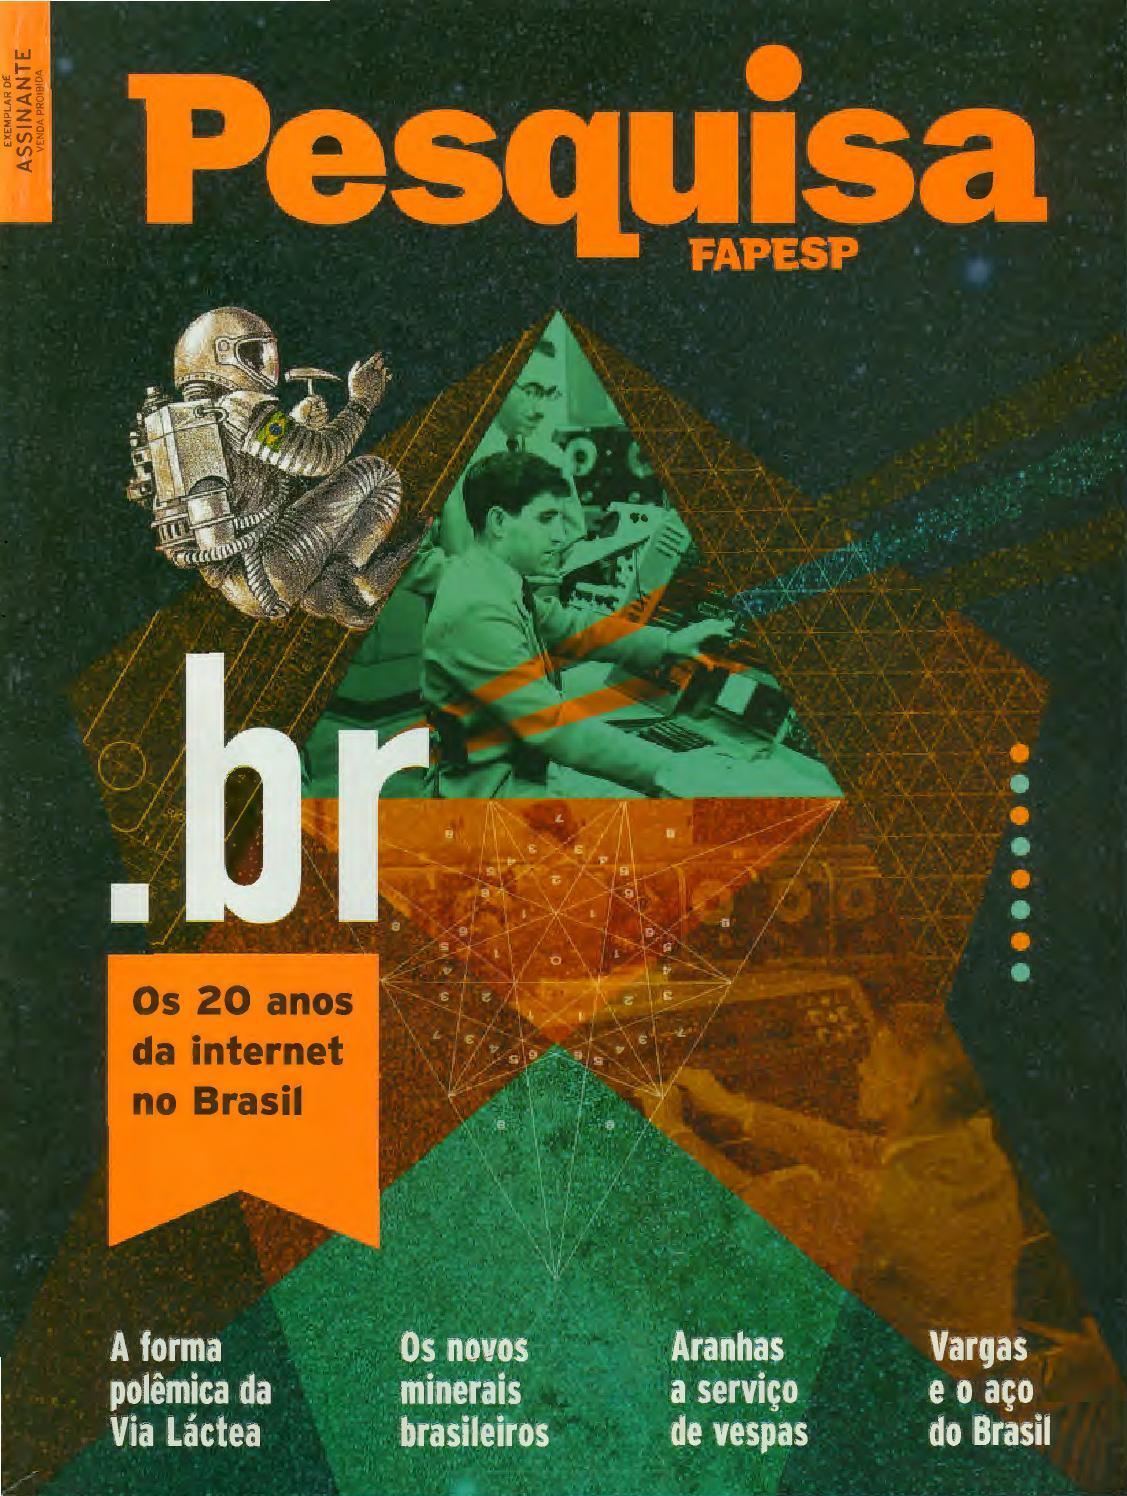 7ec62d7782aa5 Os 20 anos da internet no Brasil by Pesquisa Fapesp - issuu